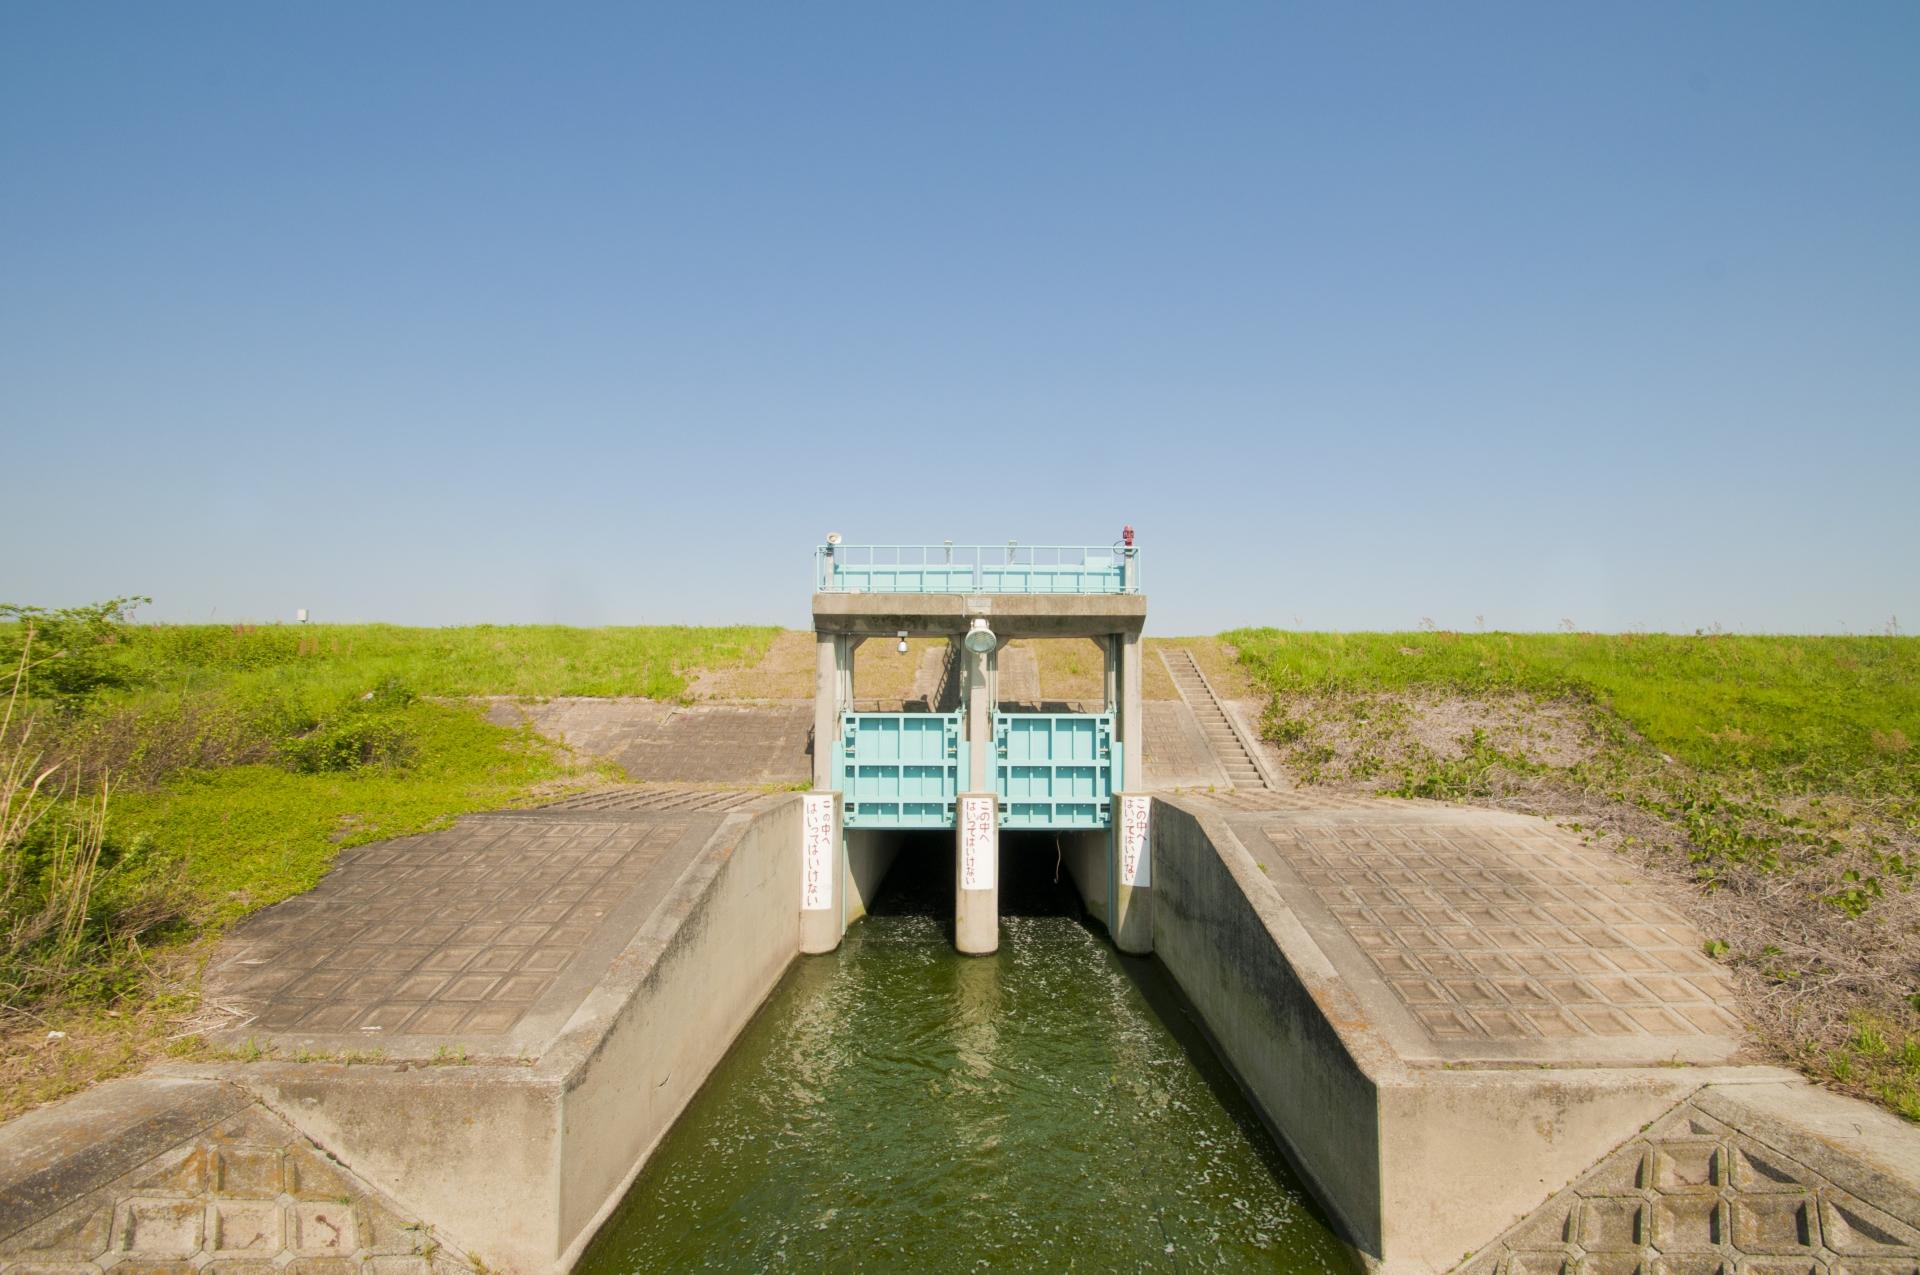 【久留米市】水門の開閉状況を確認できるようになりました。